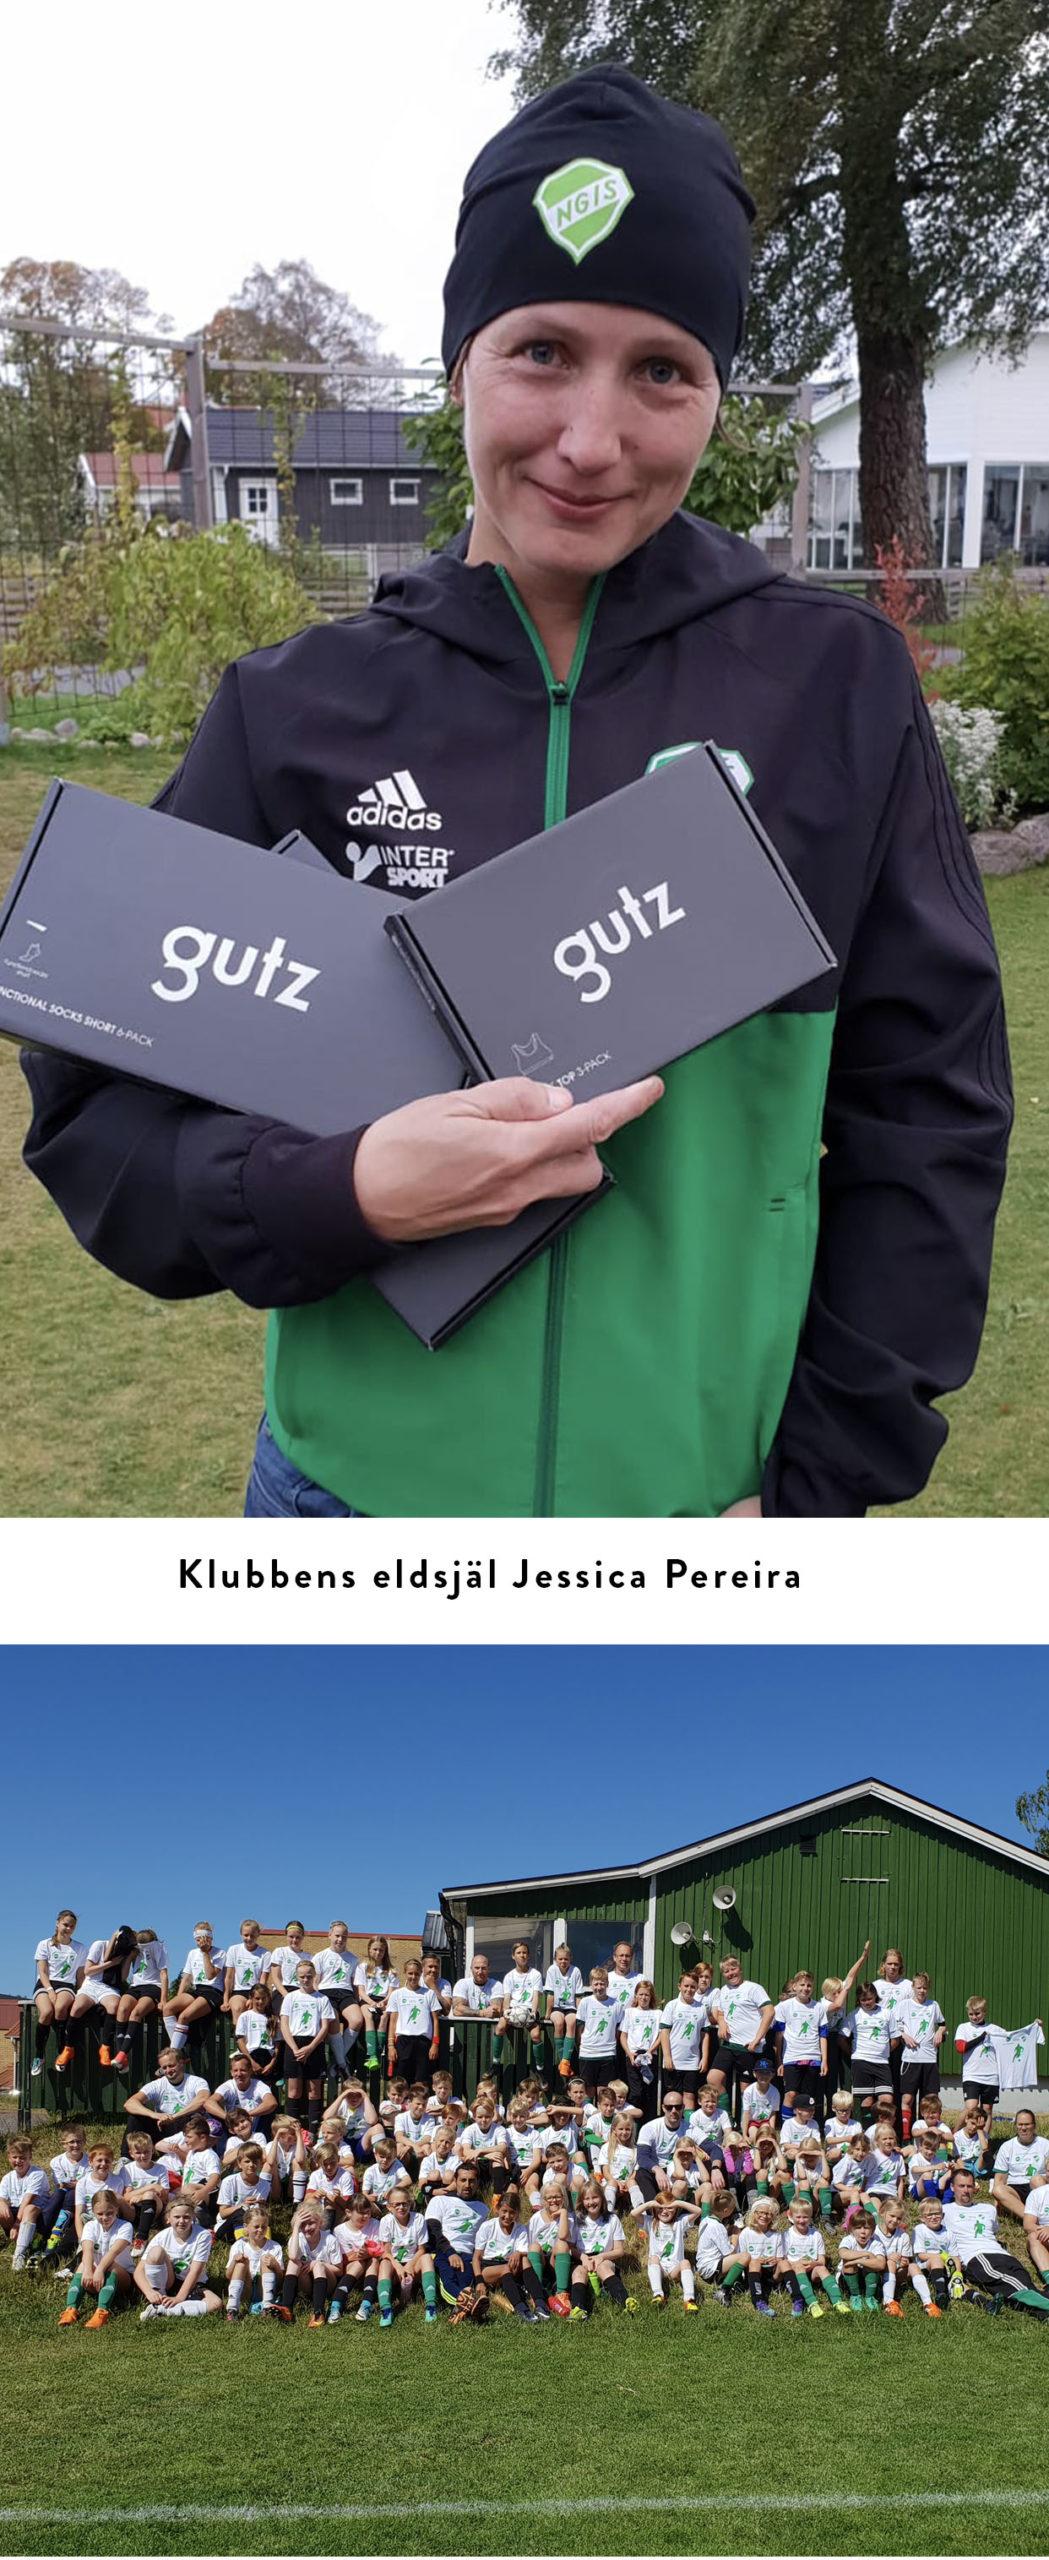 NORRA HAMMAR - GUTZ AMBASSADÖR